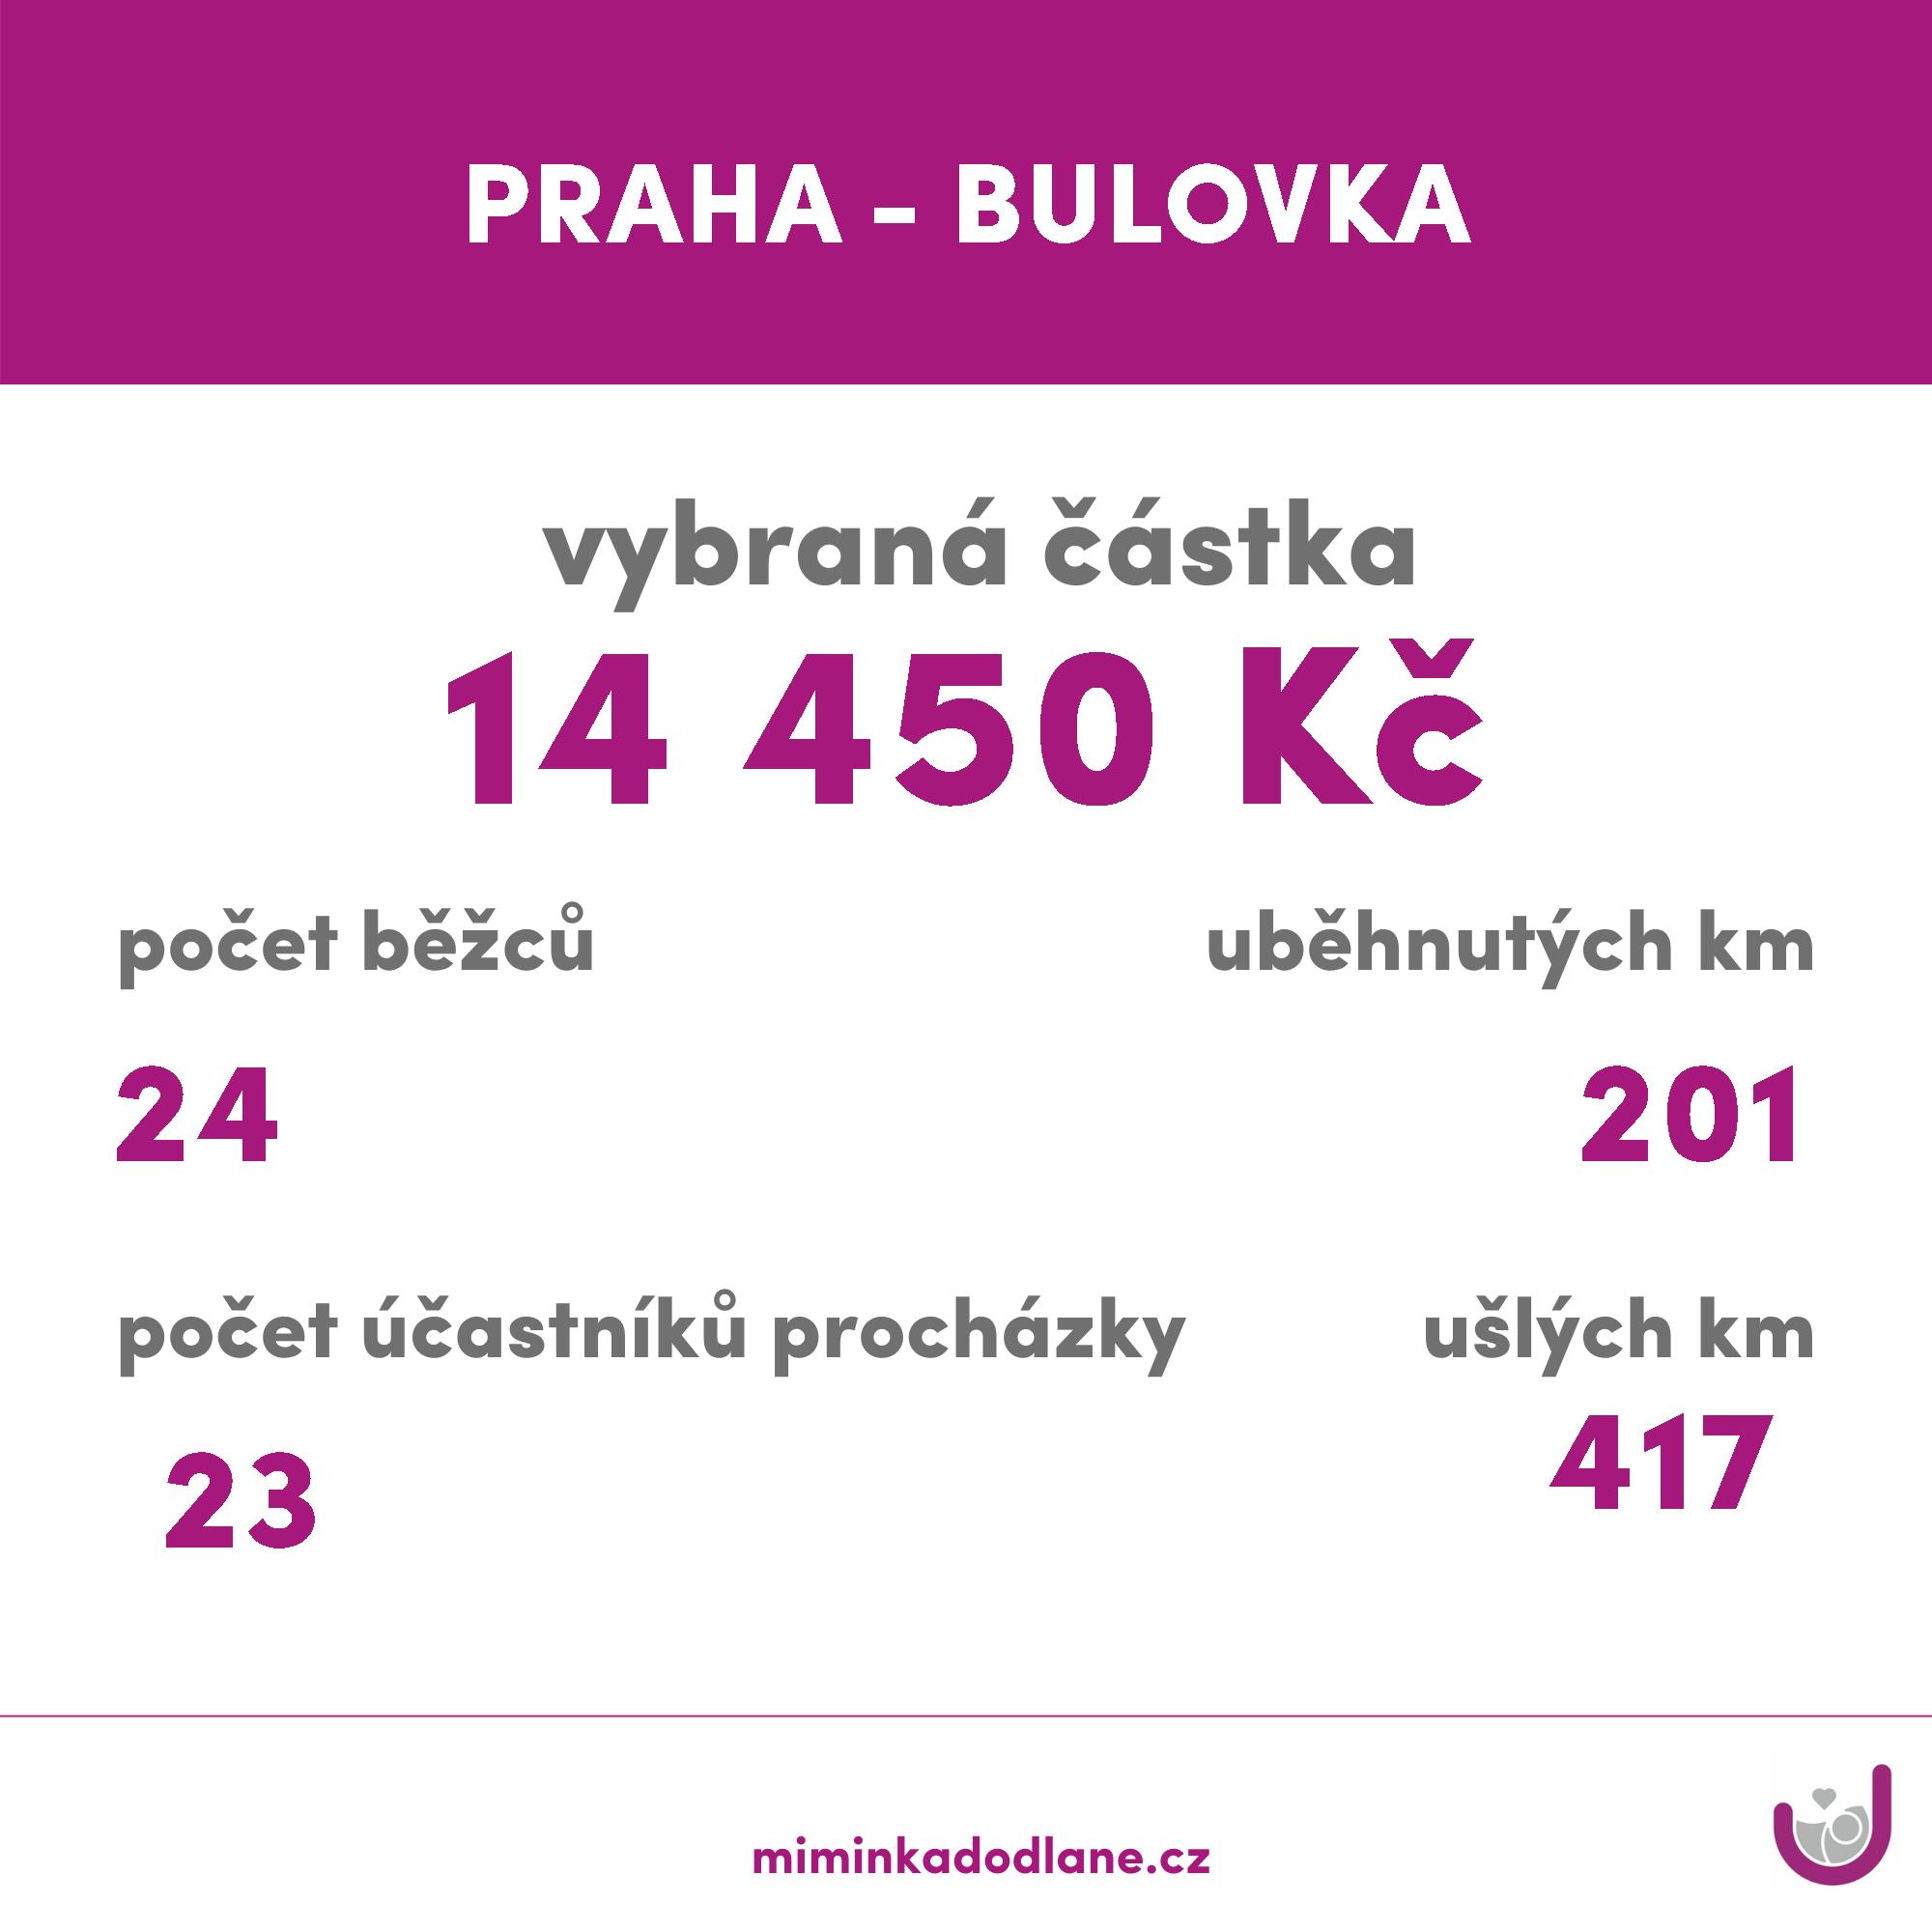 PRAHA - BULOVKA